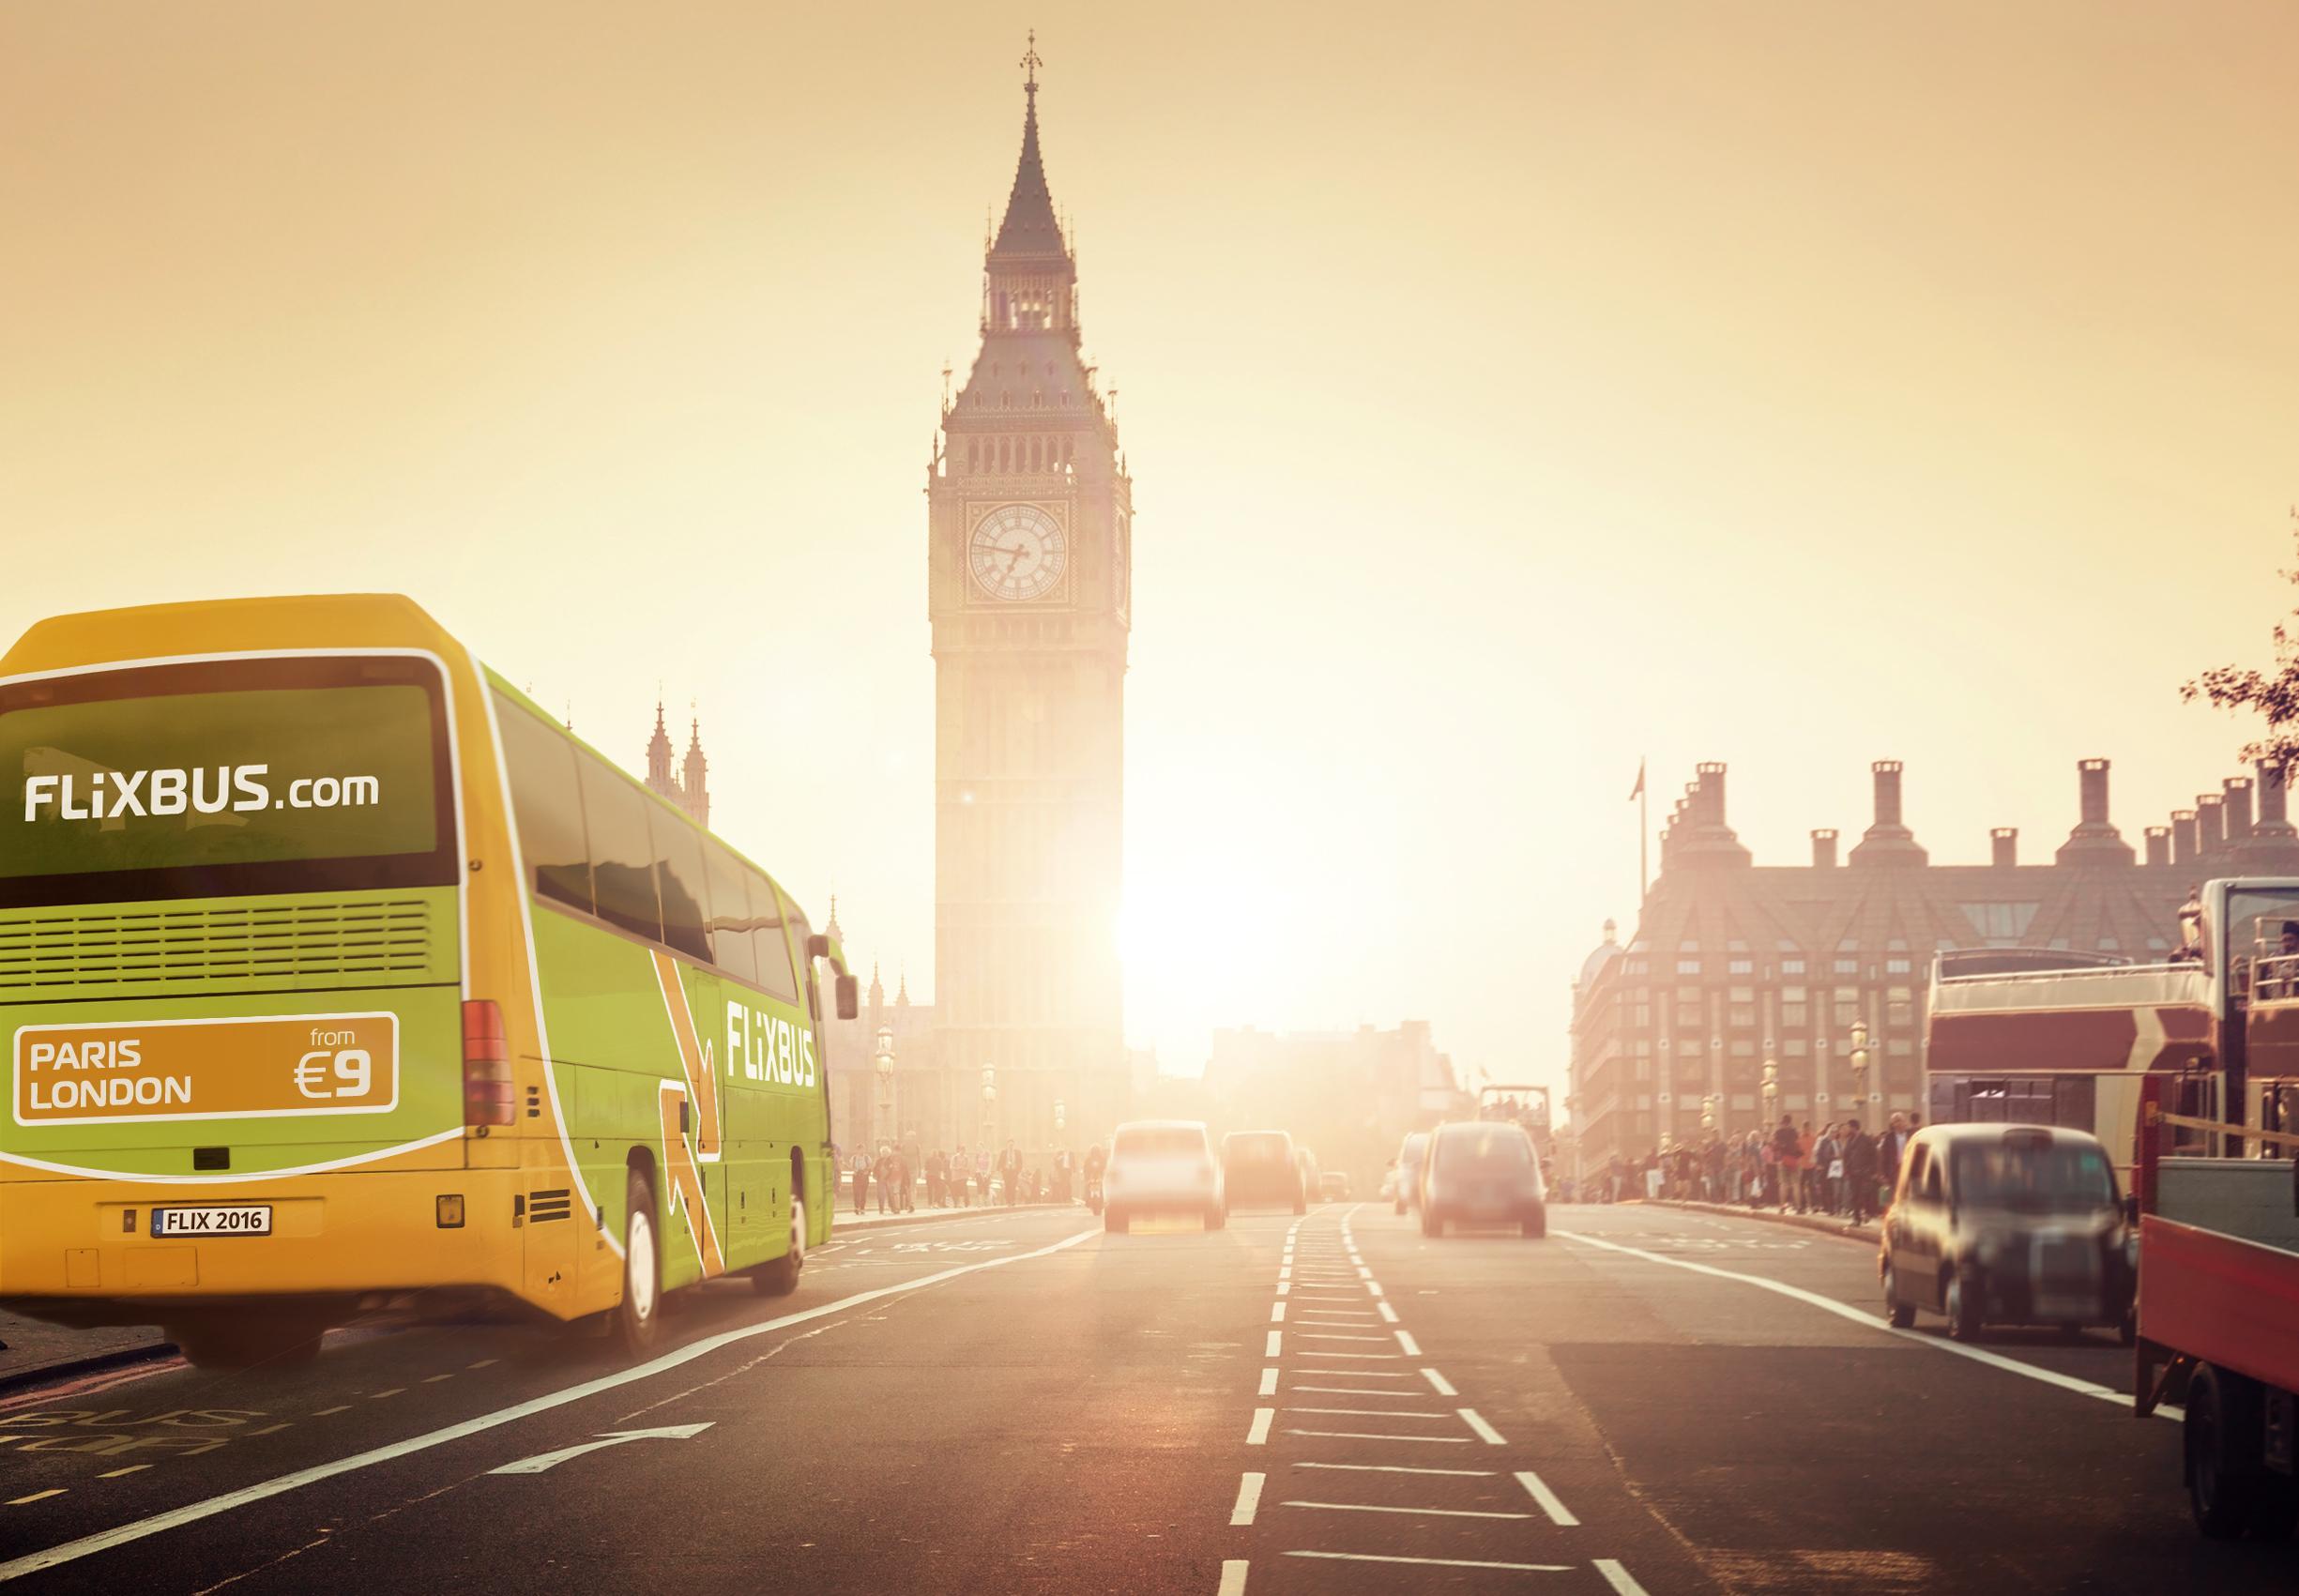 Goedkoop een dagje weg met de Flixbus